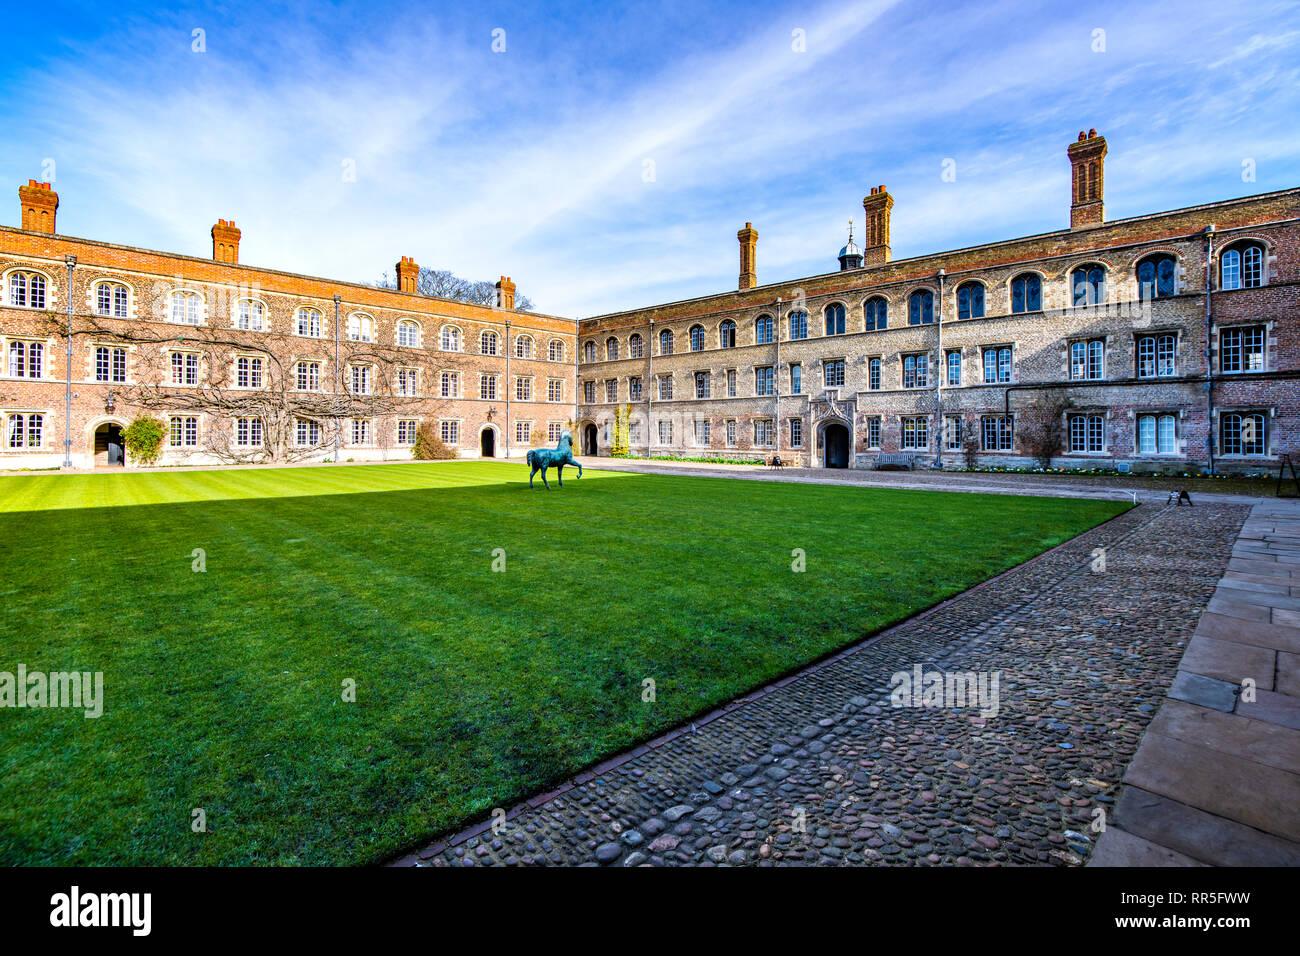 View of Jesus College, Cambridge, England - Stock Image